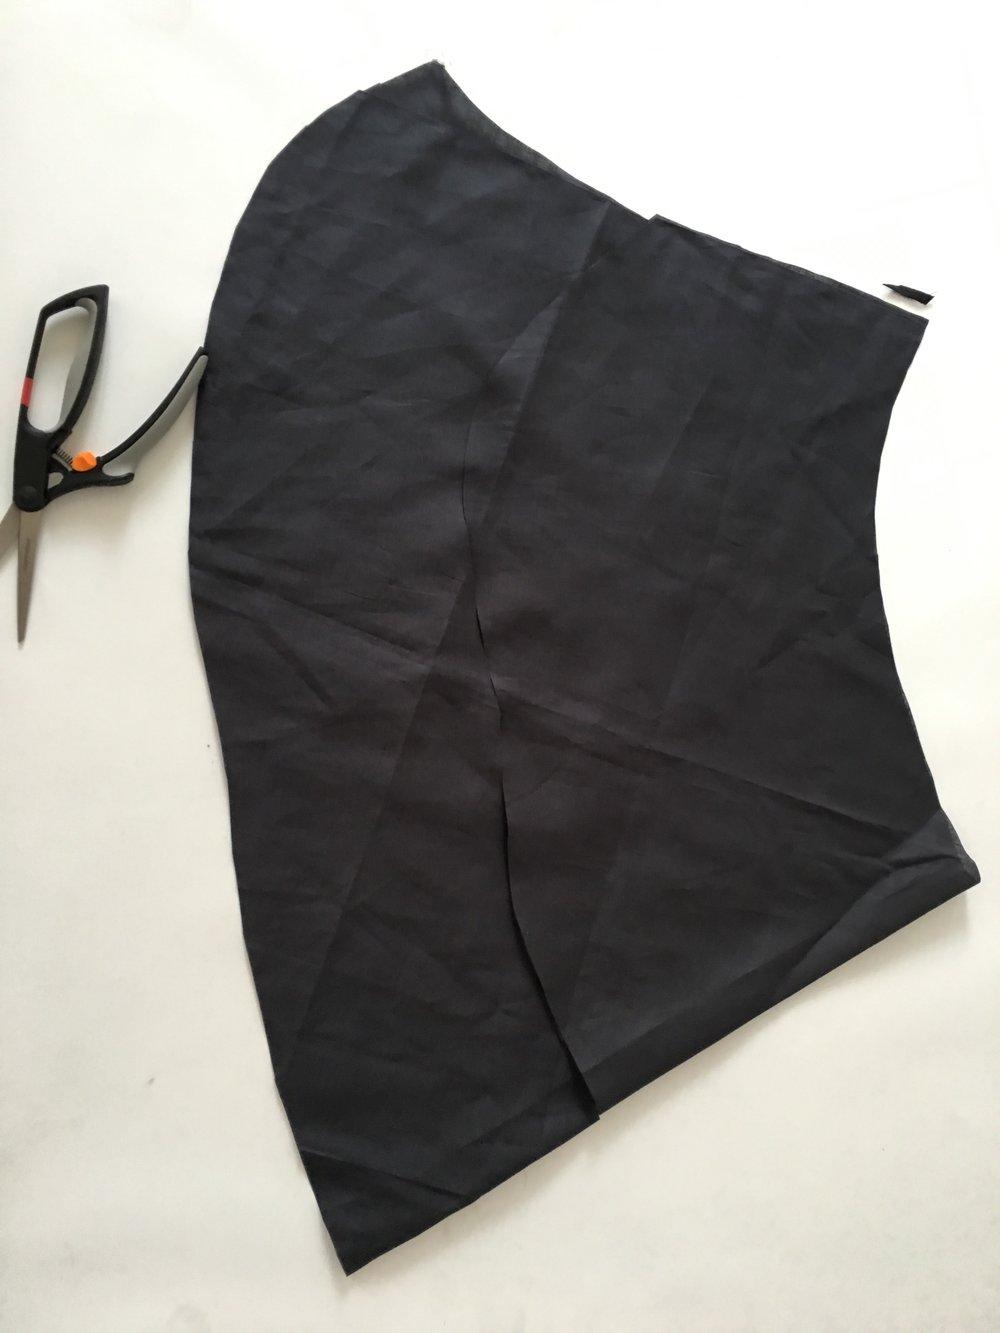 skirt14.jpg